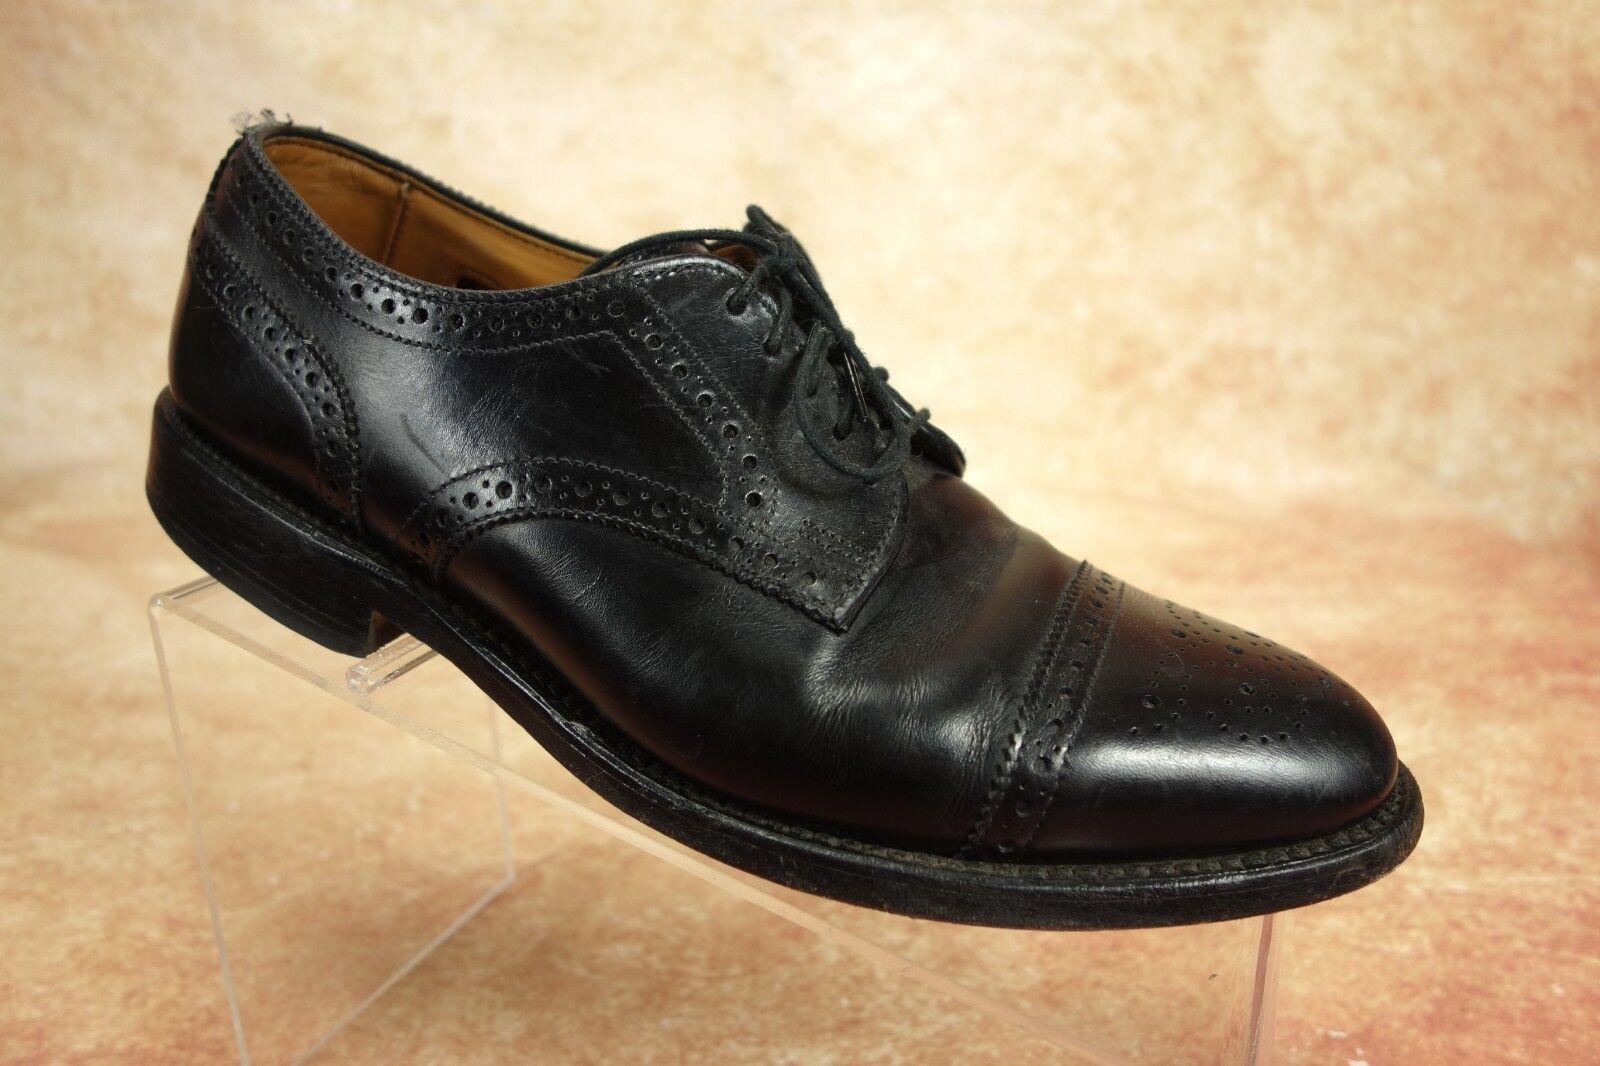 solo per te Allen Edmonds Sanford nero nero nero Leather Cap Toe Dress Oxford Derby scarpe Uomo 7D US  più ordine